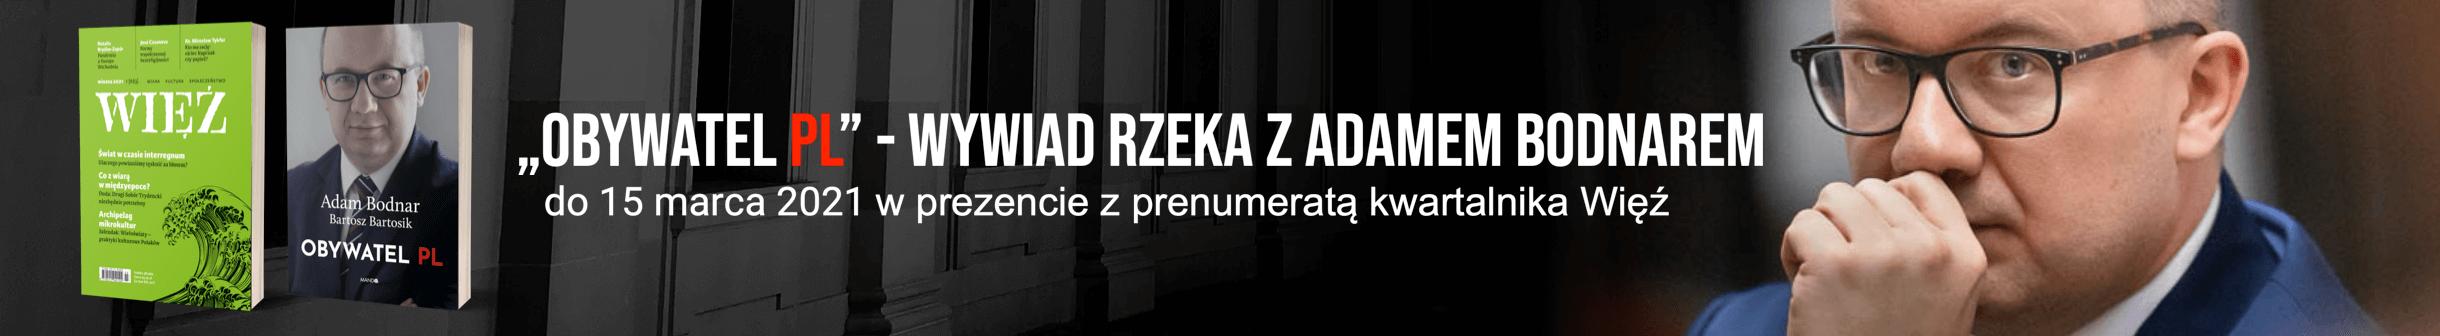 """Wywiad rzeka z Adamem Bodnarem w prezencie z prenumeratą """"Więzi"""""""